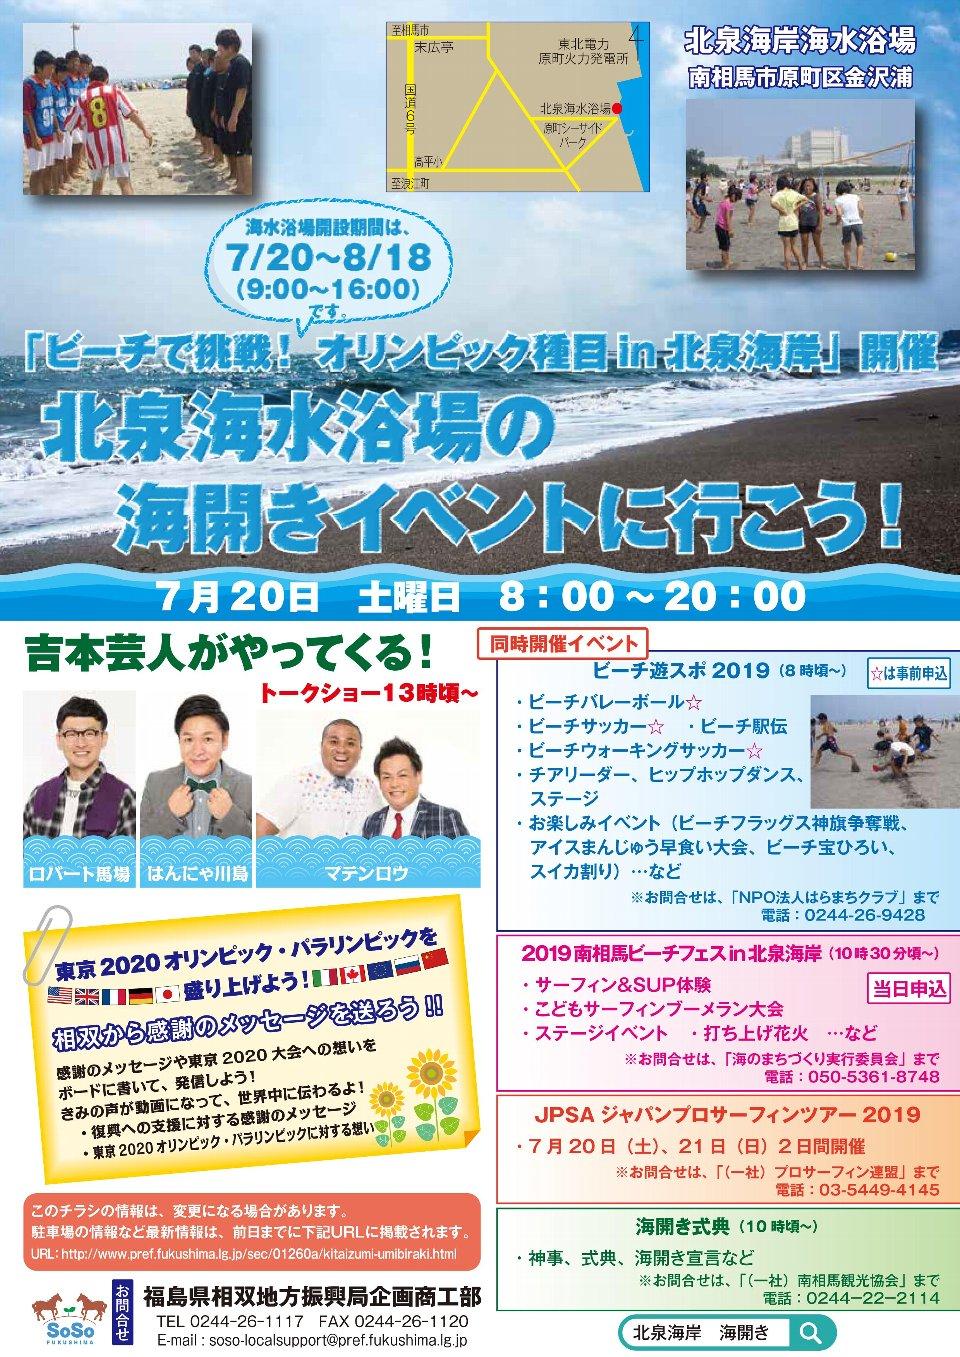 「ビーチで挑戦!オリンピック種目in北泉海岸」 @ 北泉海岸海水浴場